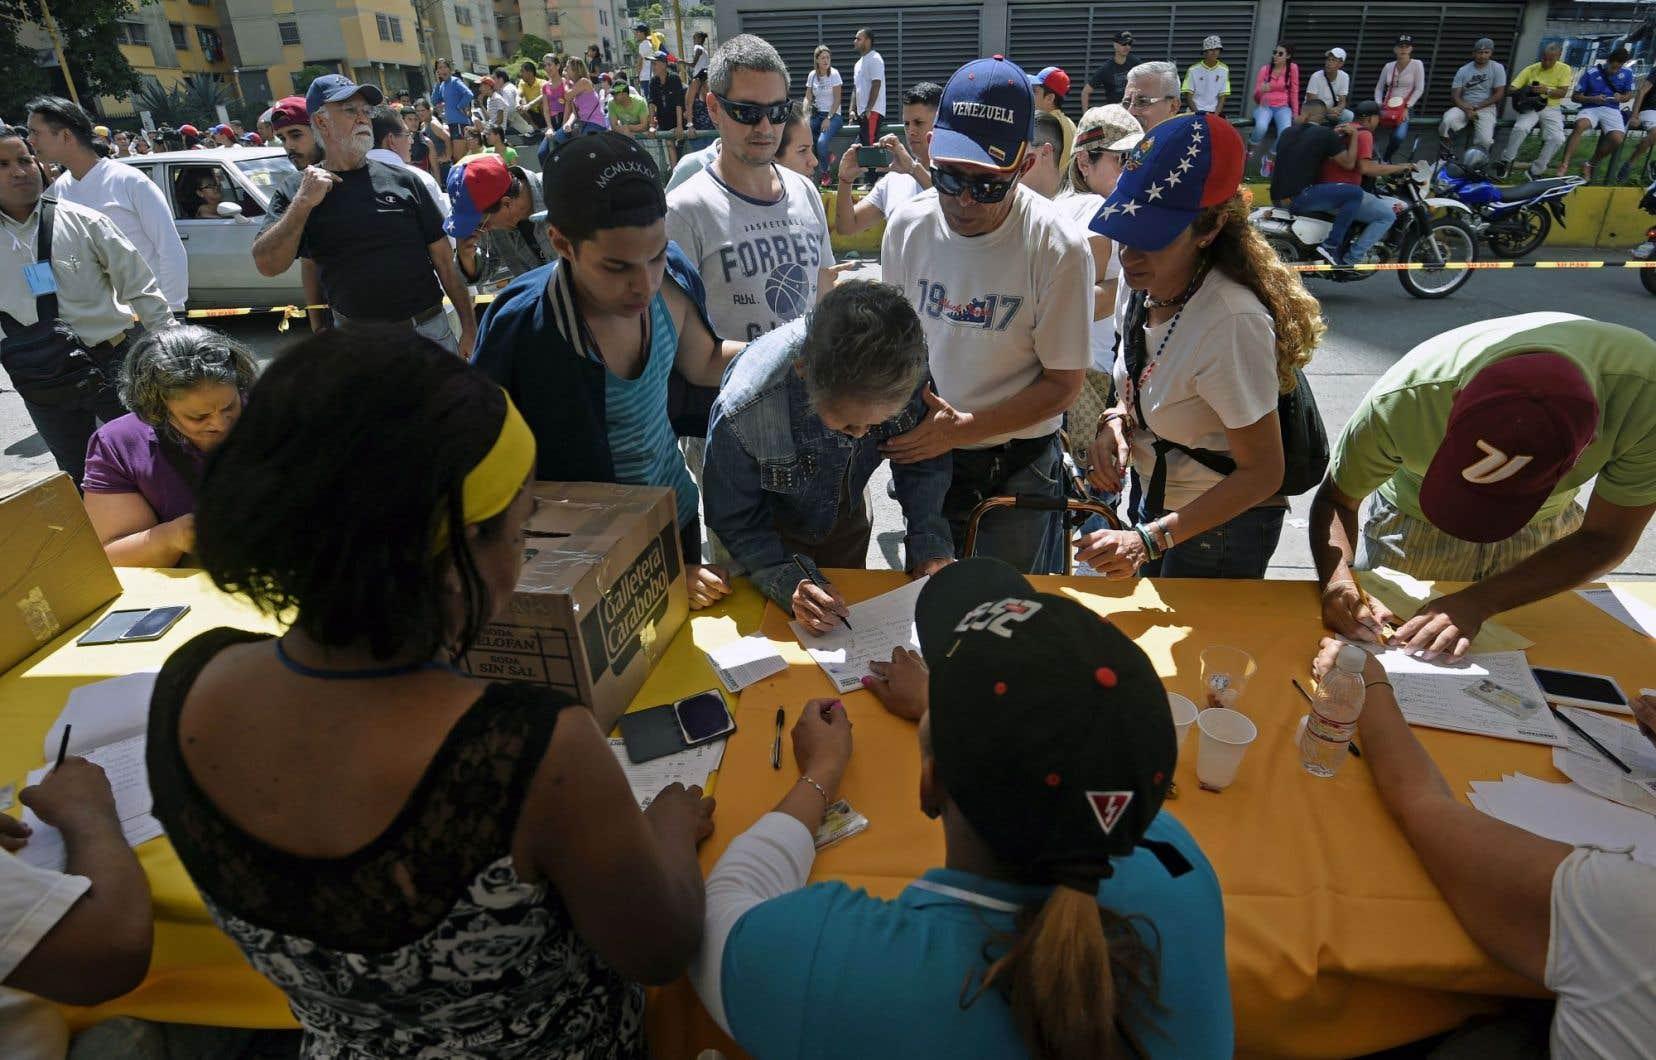 Par centaines de milliers, les électeurs vénézuéliens ont commencé dès dimanche matin à glisser leur bulletin dans des boîtes en carton installées dans des bureaux de vote à travers le pays par la coalition d'opposition, la Table de l'unité démocratique.